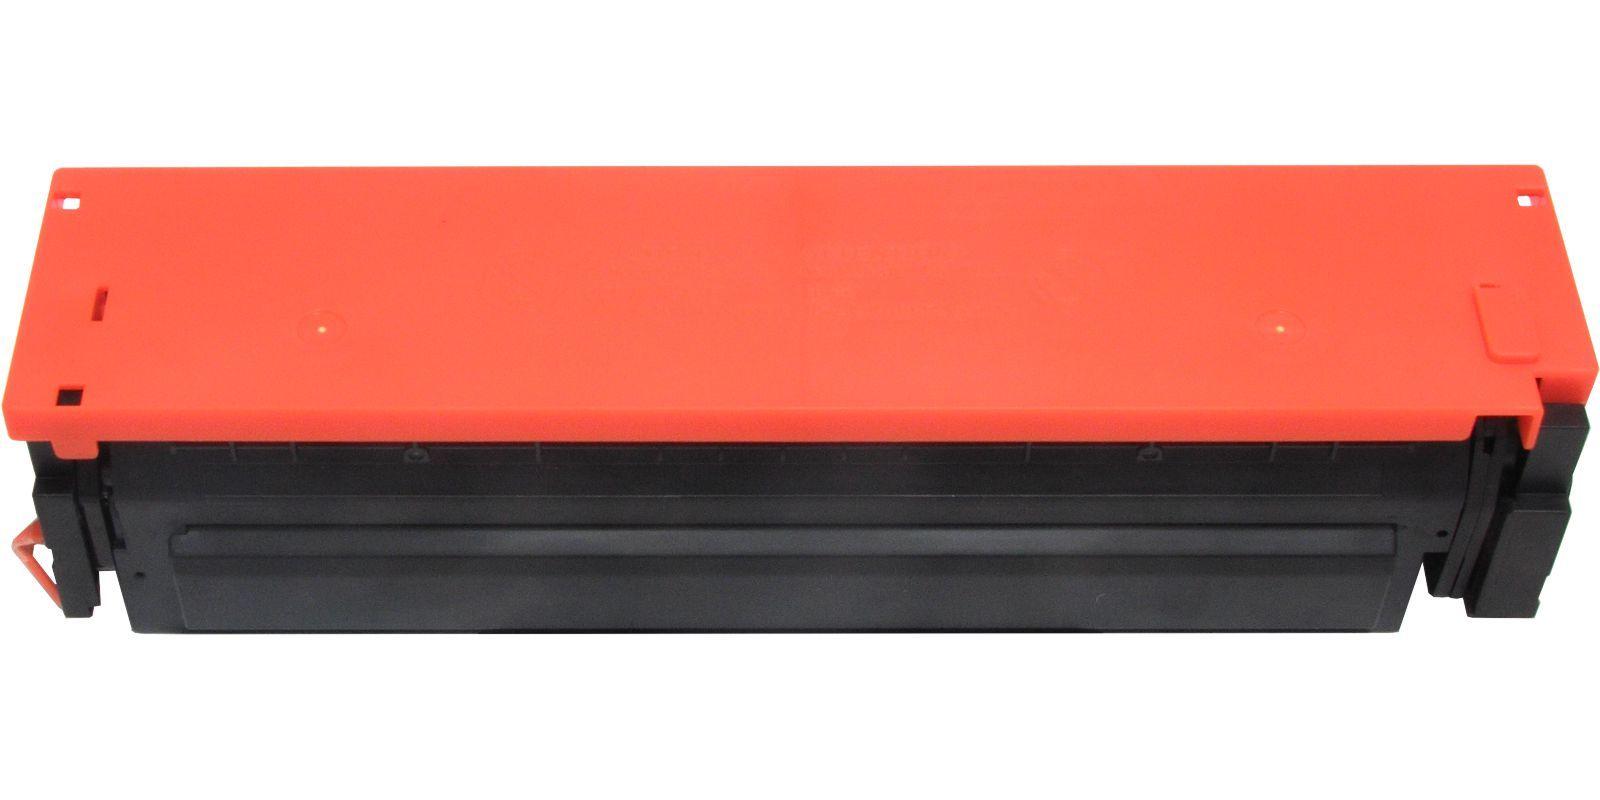 Картридж лазерный цветной MAK© 201A CF401A голубой (cyan), до 1400 стр.